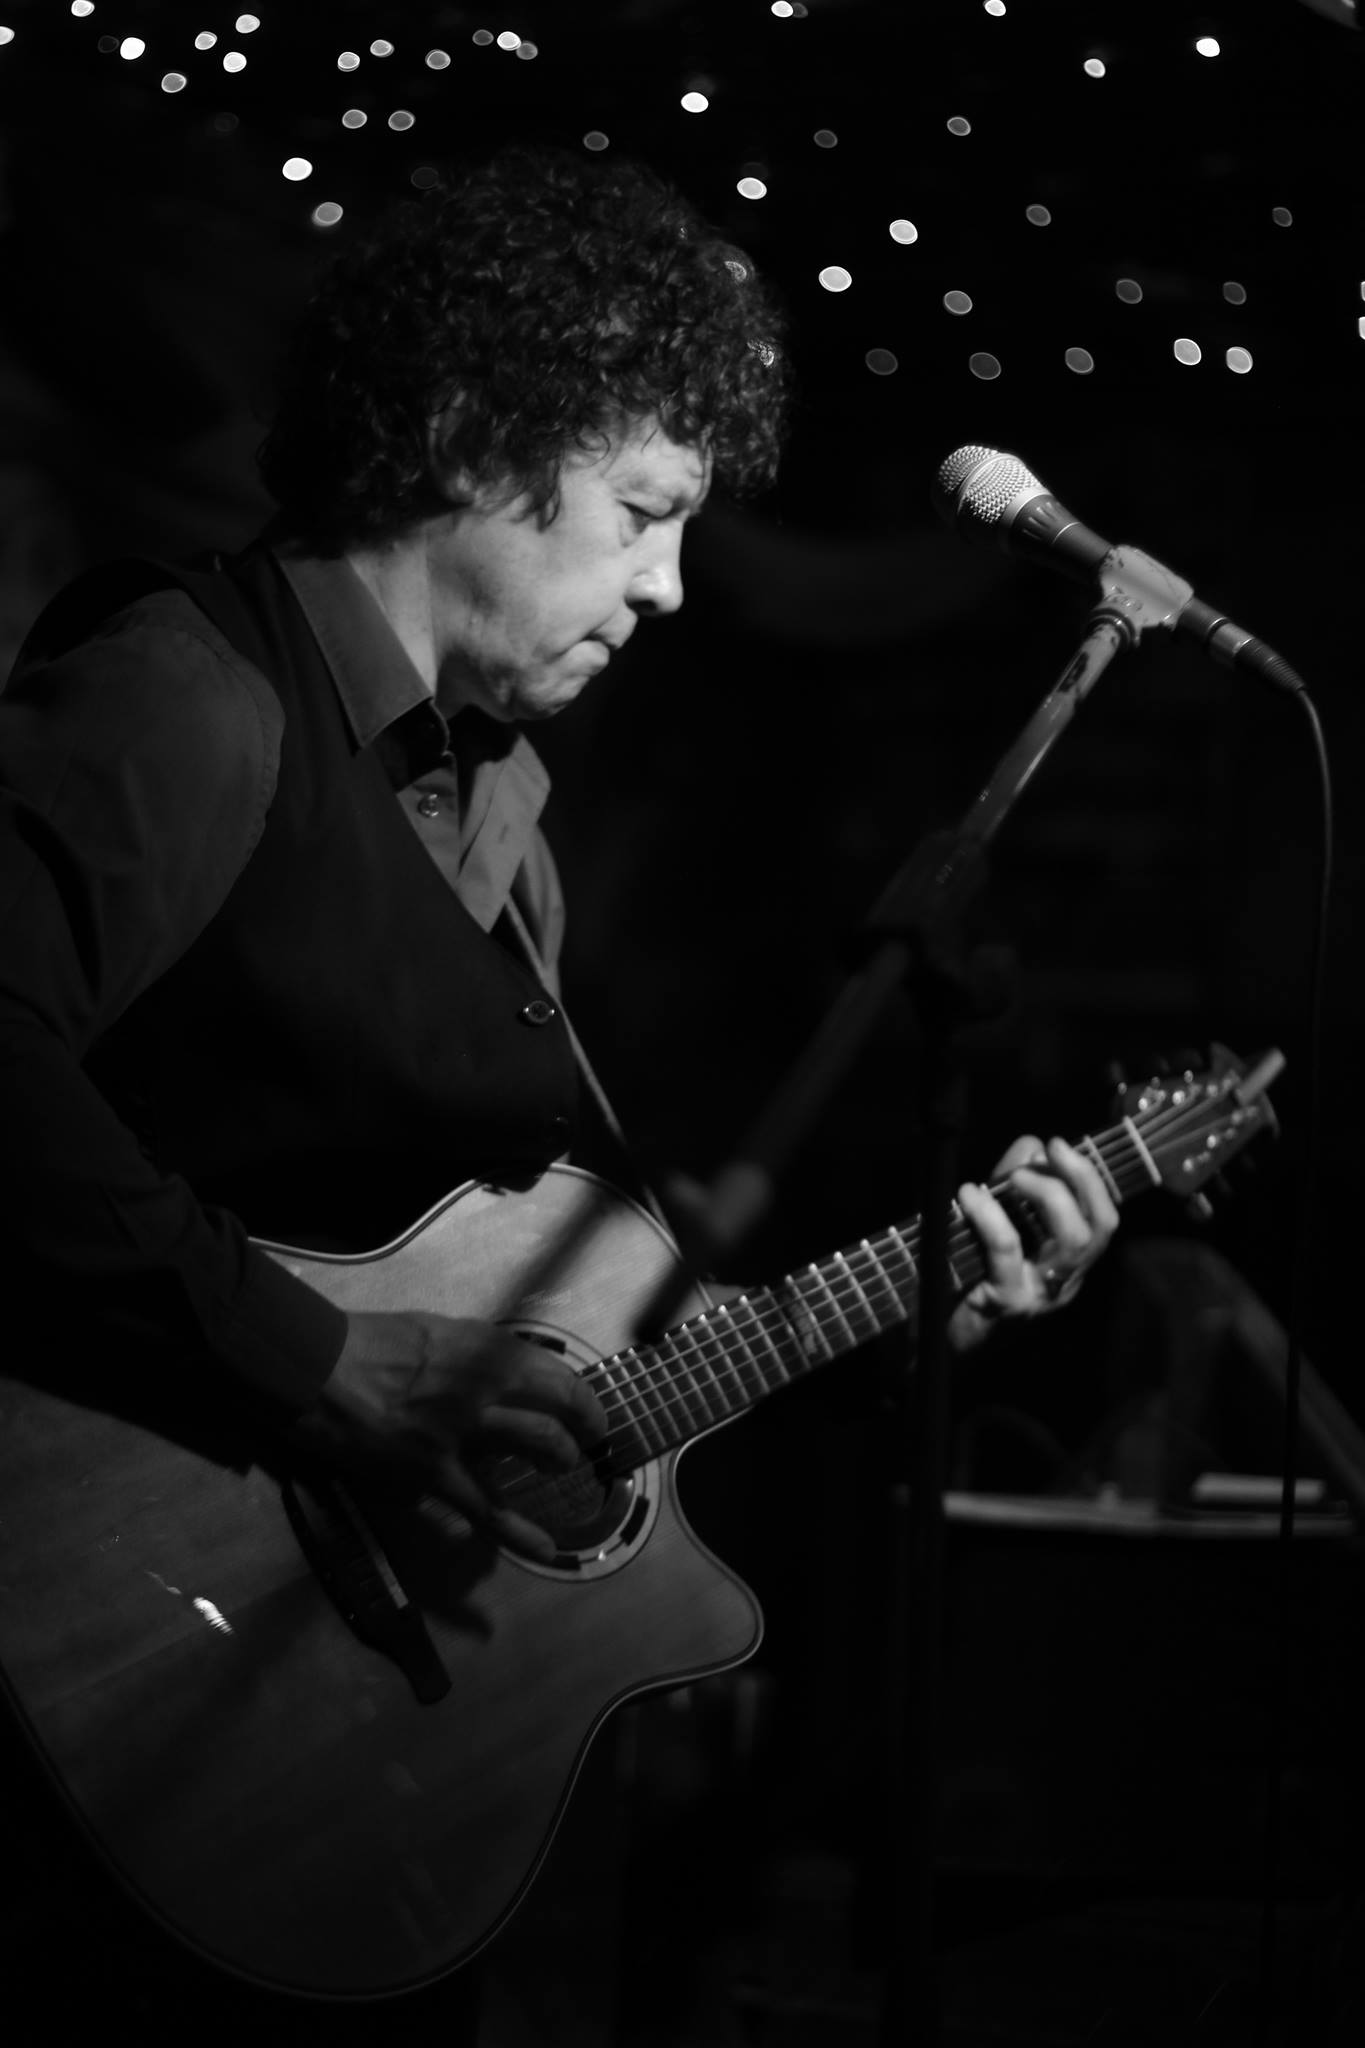 Zanger gitarist Ben Blue solo. live muziek huren voor een juileum? Wij hebben een zanger gitarist, akoestisch duo, een feestband, jazz combo en een bluesrock powertrio